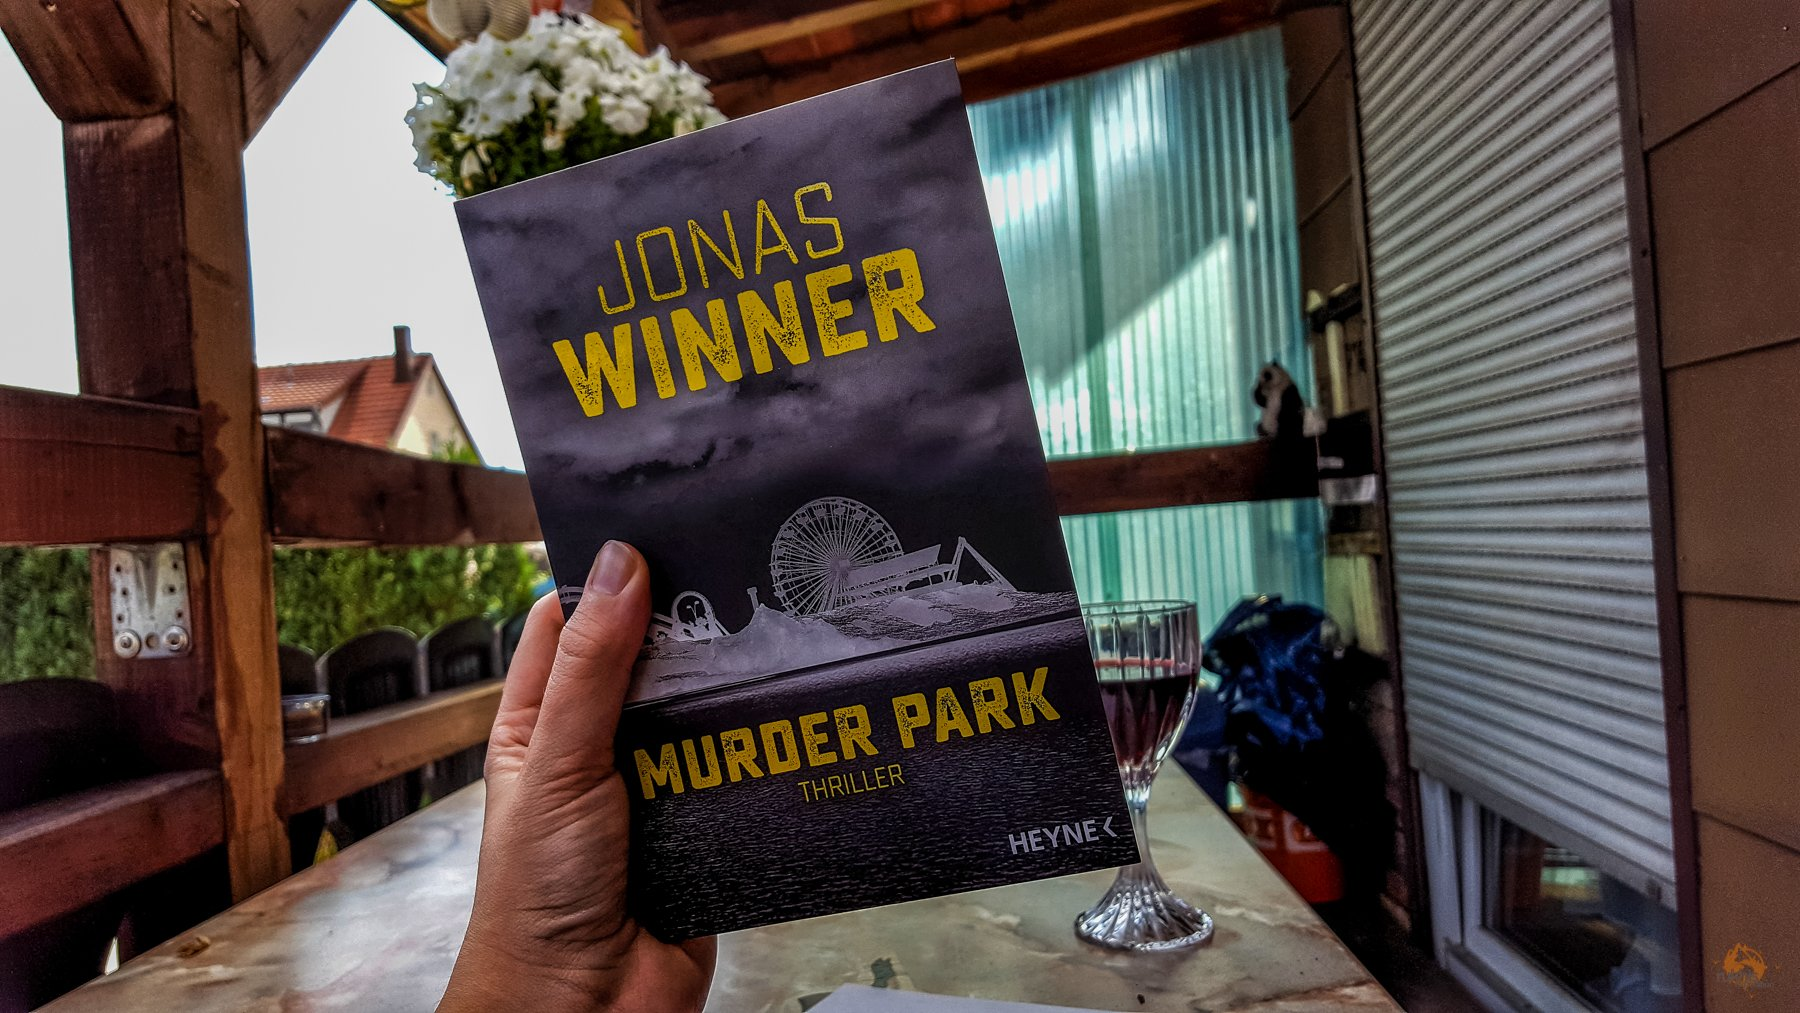 Rezensionen - Murder Park von Jonas Winner